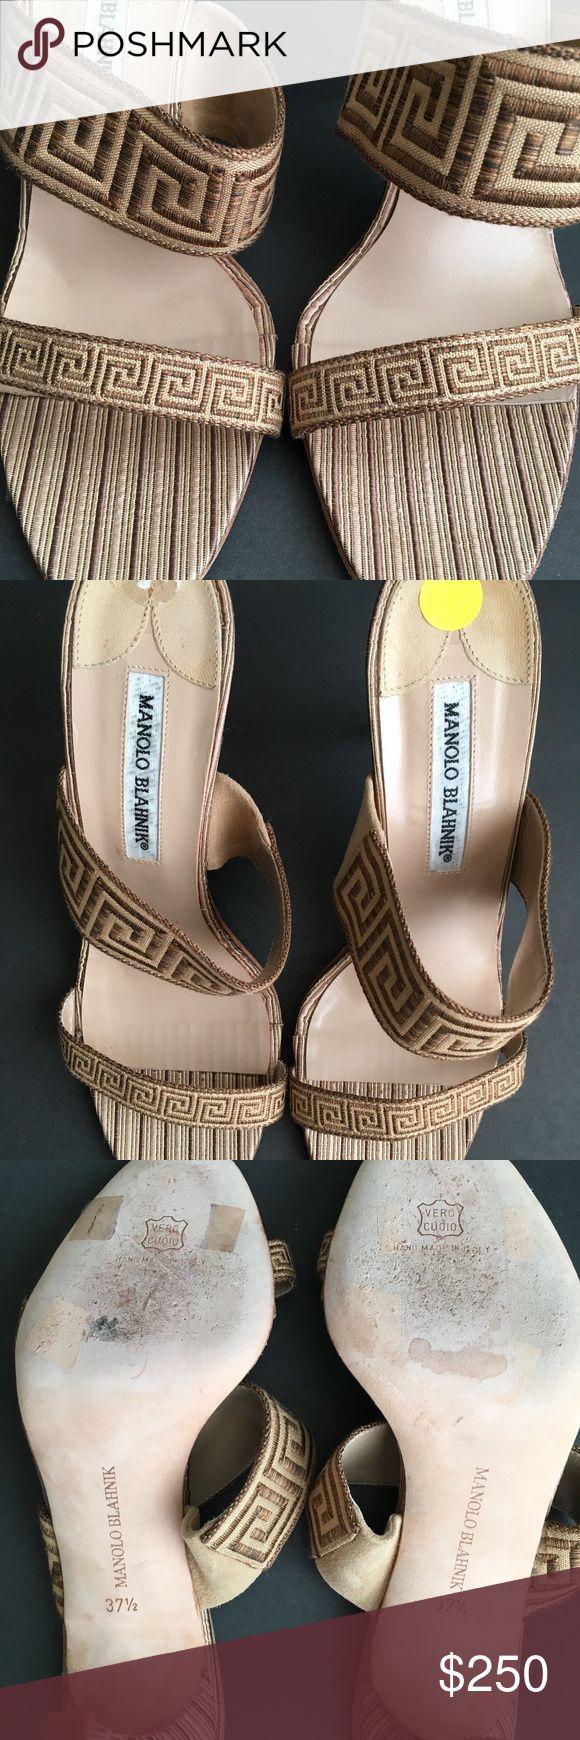 Manolo Blahnik Pump Women Manolo Blahnik Aztec Pump Light wear. Size 7. Manolo Blahnik Shoes Heels